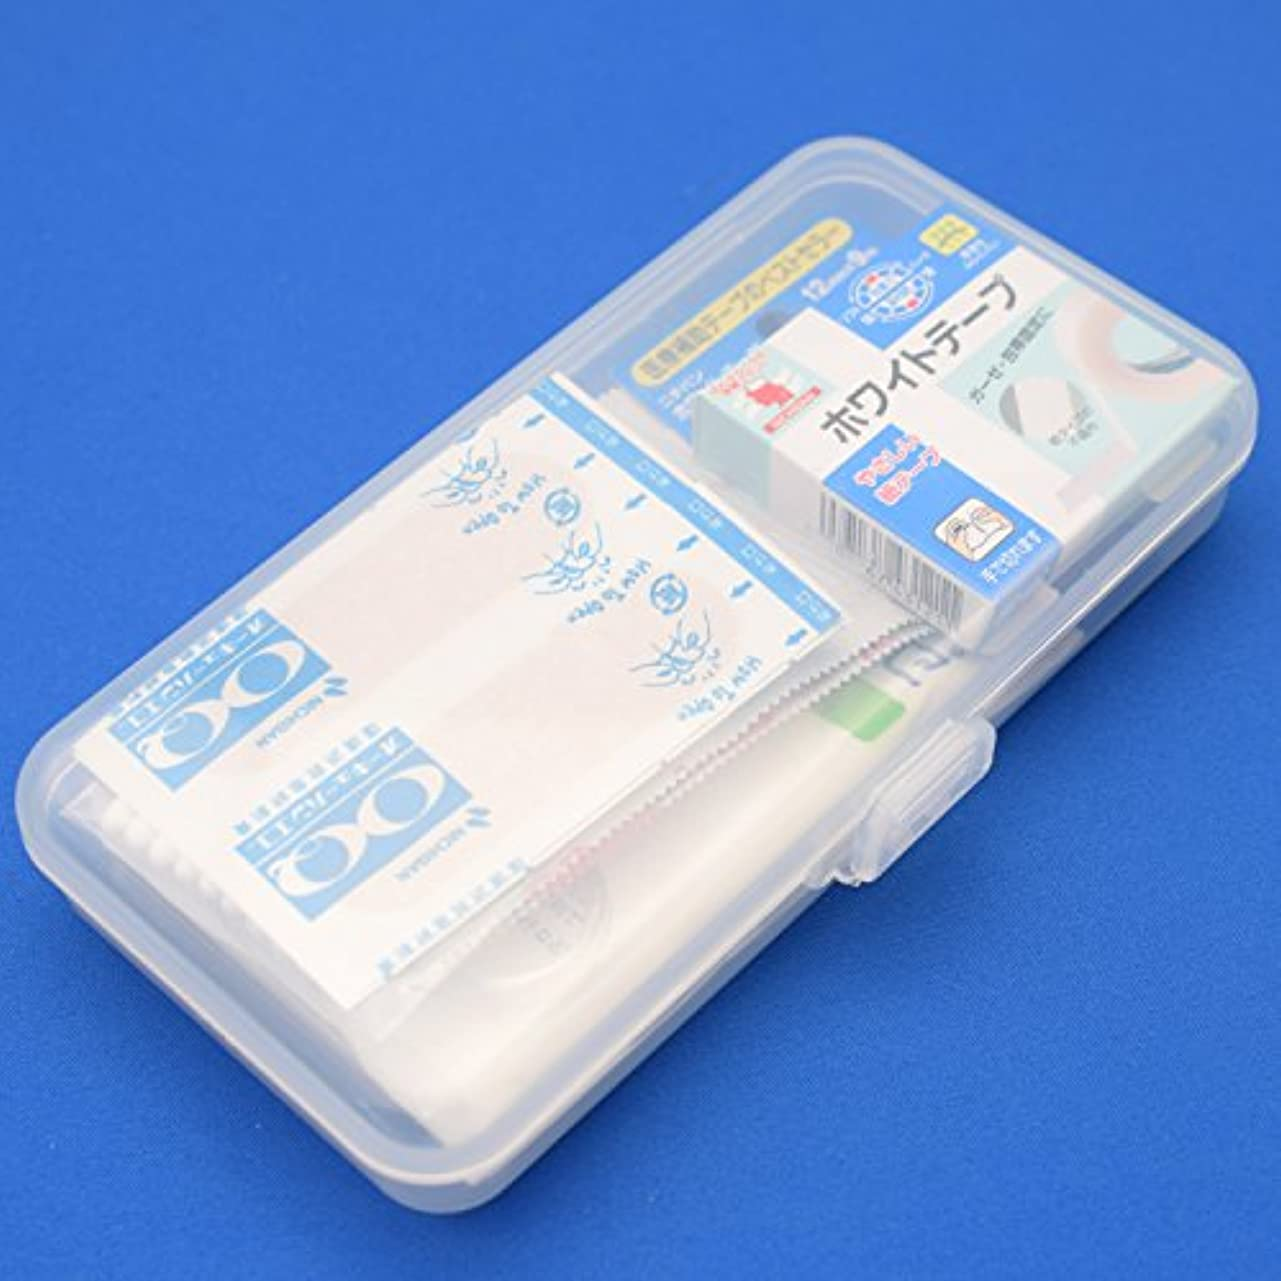 移動ブレイズ本会議First Aid Kit Portable 携帯用救急キット